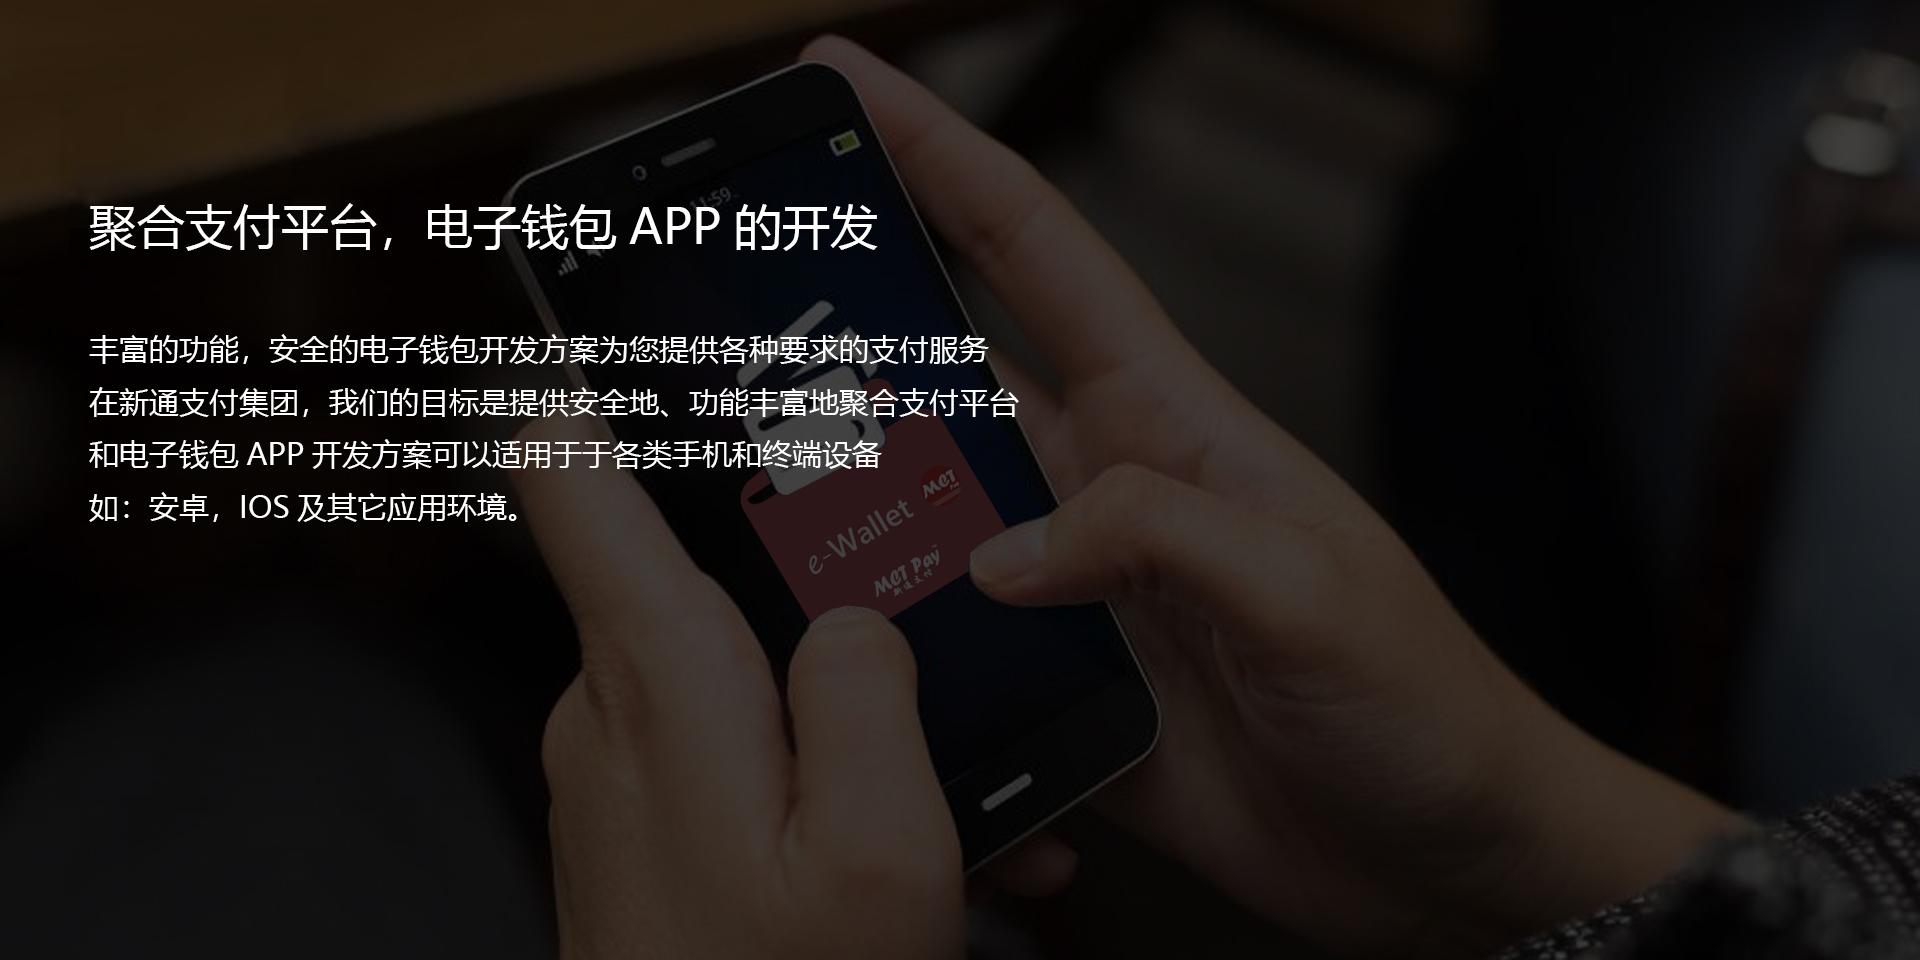 电子钱包,集合支付解决方案的开发